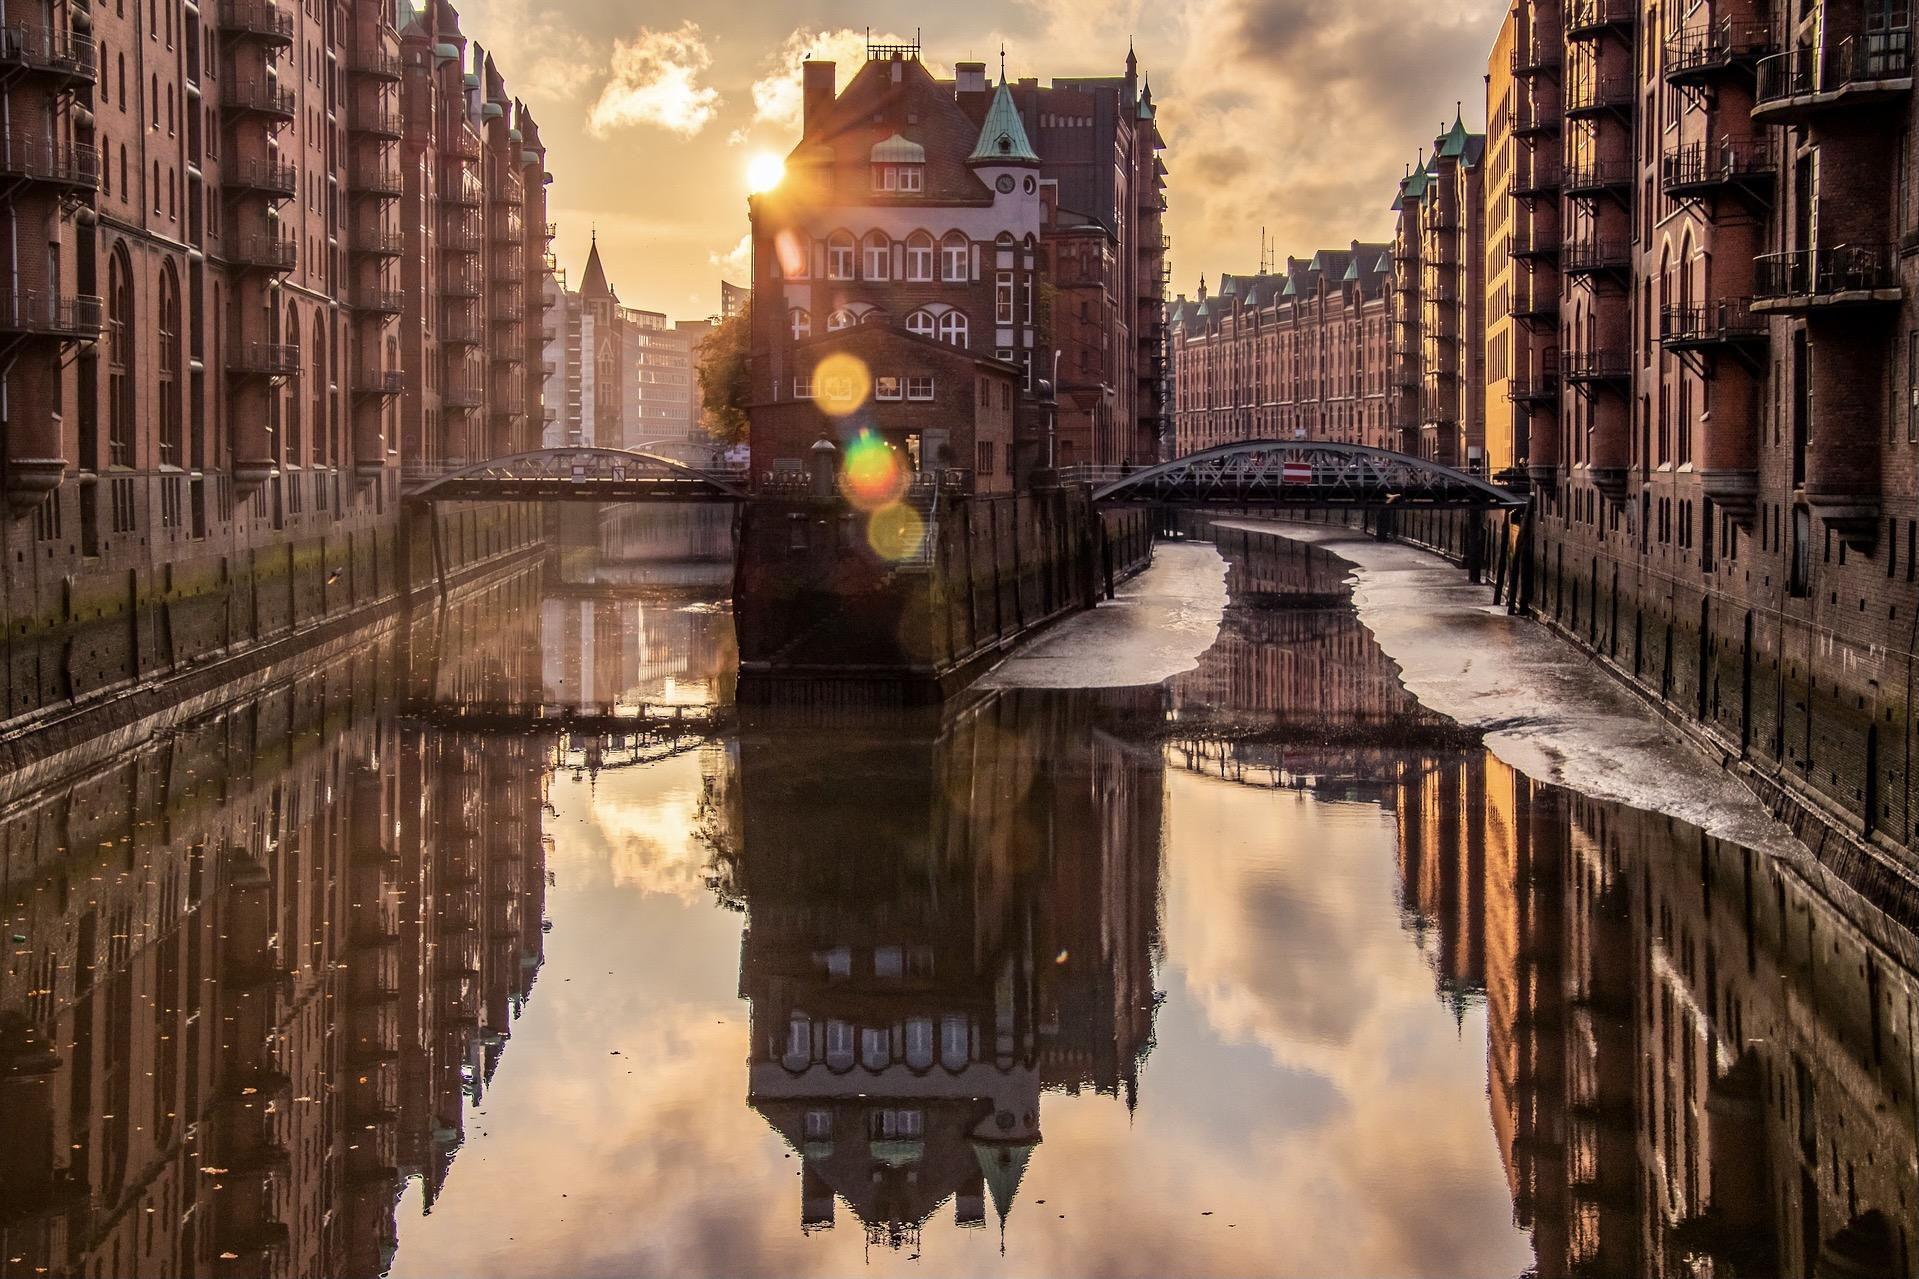 Eine Rundfahrt durch die Speicherstadt ist einer der besten Hamburg Geheimtipps